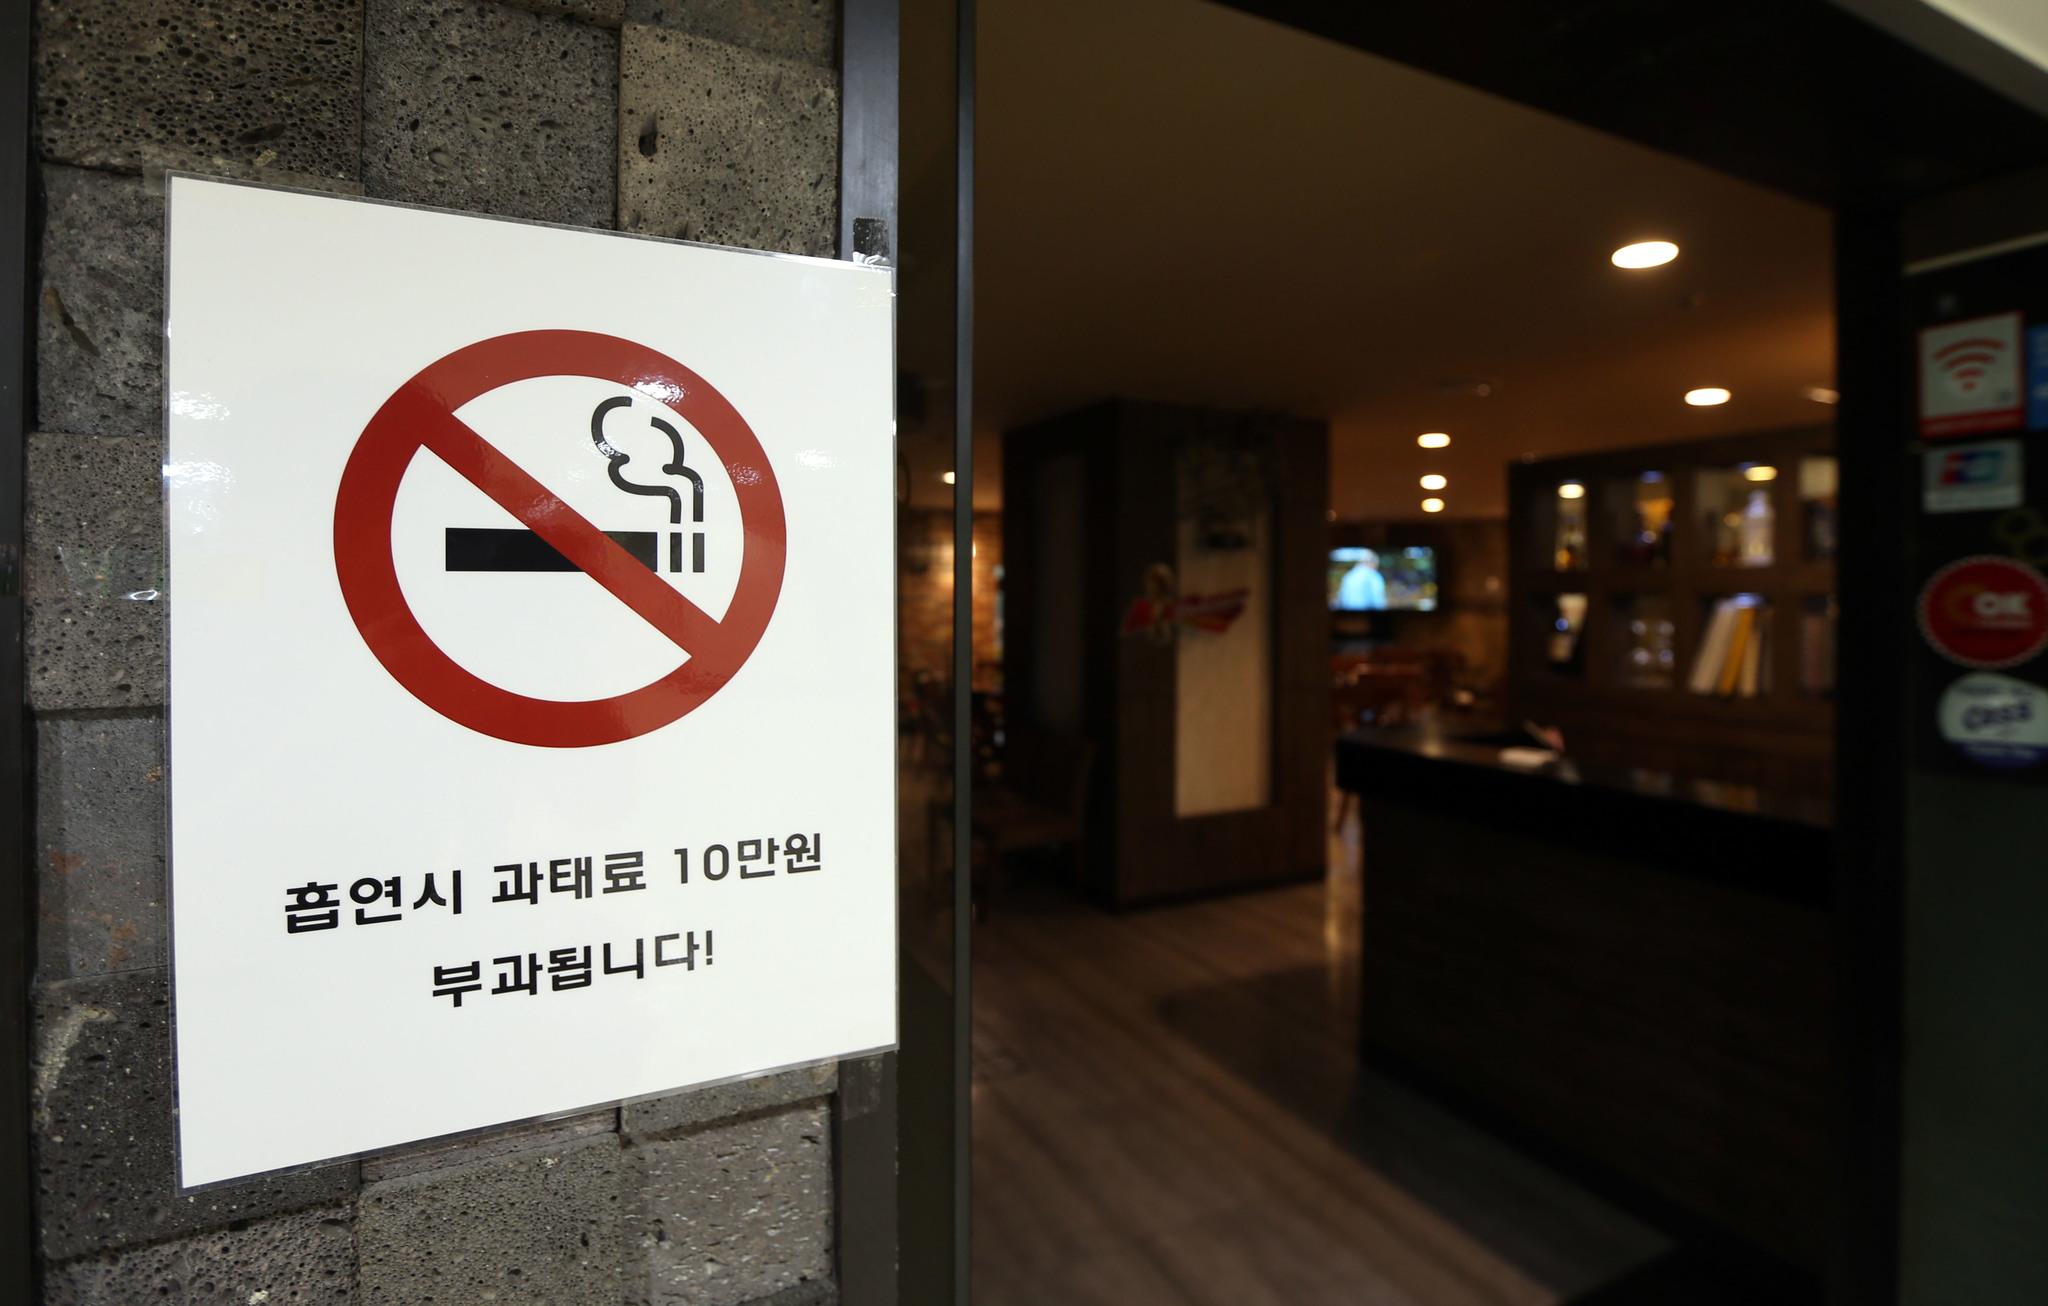 실내 흡연실을 설치해도 간접흡연 위험이 큰 것으로 나타났다. [중앙포토]